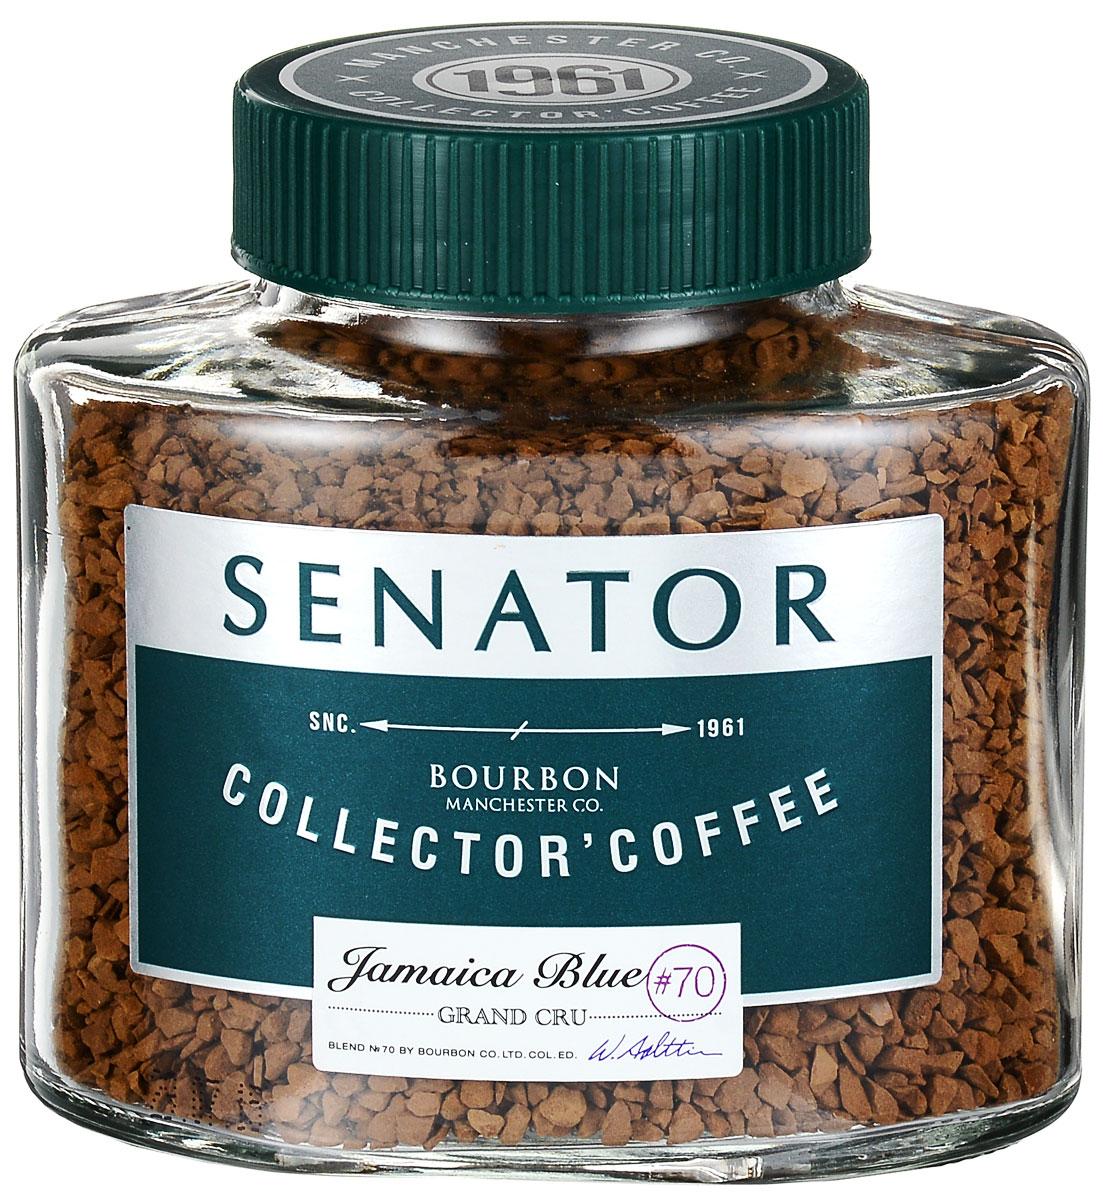 Senator Jamaica Blue кофе растворимый, 100 г4670016470577Senator Jamaica Blue натуральный растворимый сублимированный кофе, который обладает изысканным вкусом с приятным фруктовым букетом. Для создания купажа кофе используют зерна ямайской Арабики сорта Jamaica Blue, которые произрастают на высокогорных плантациях.